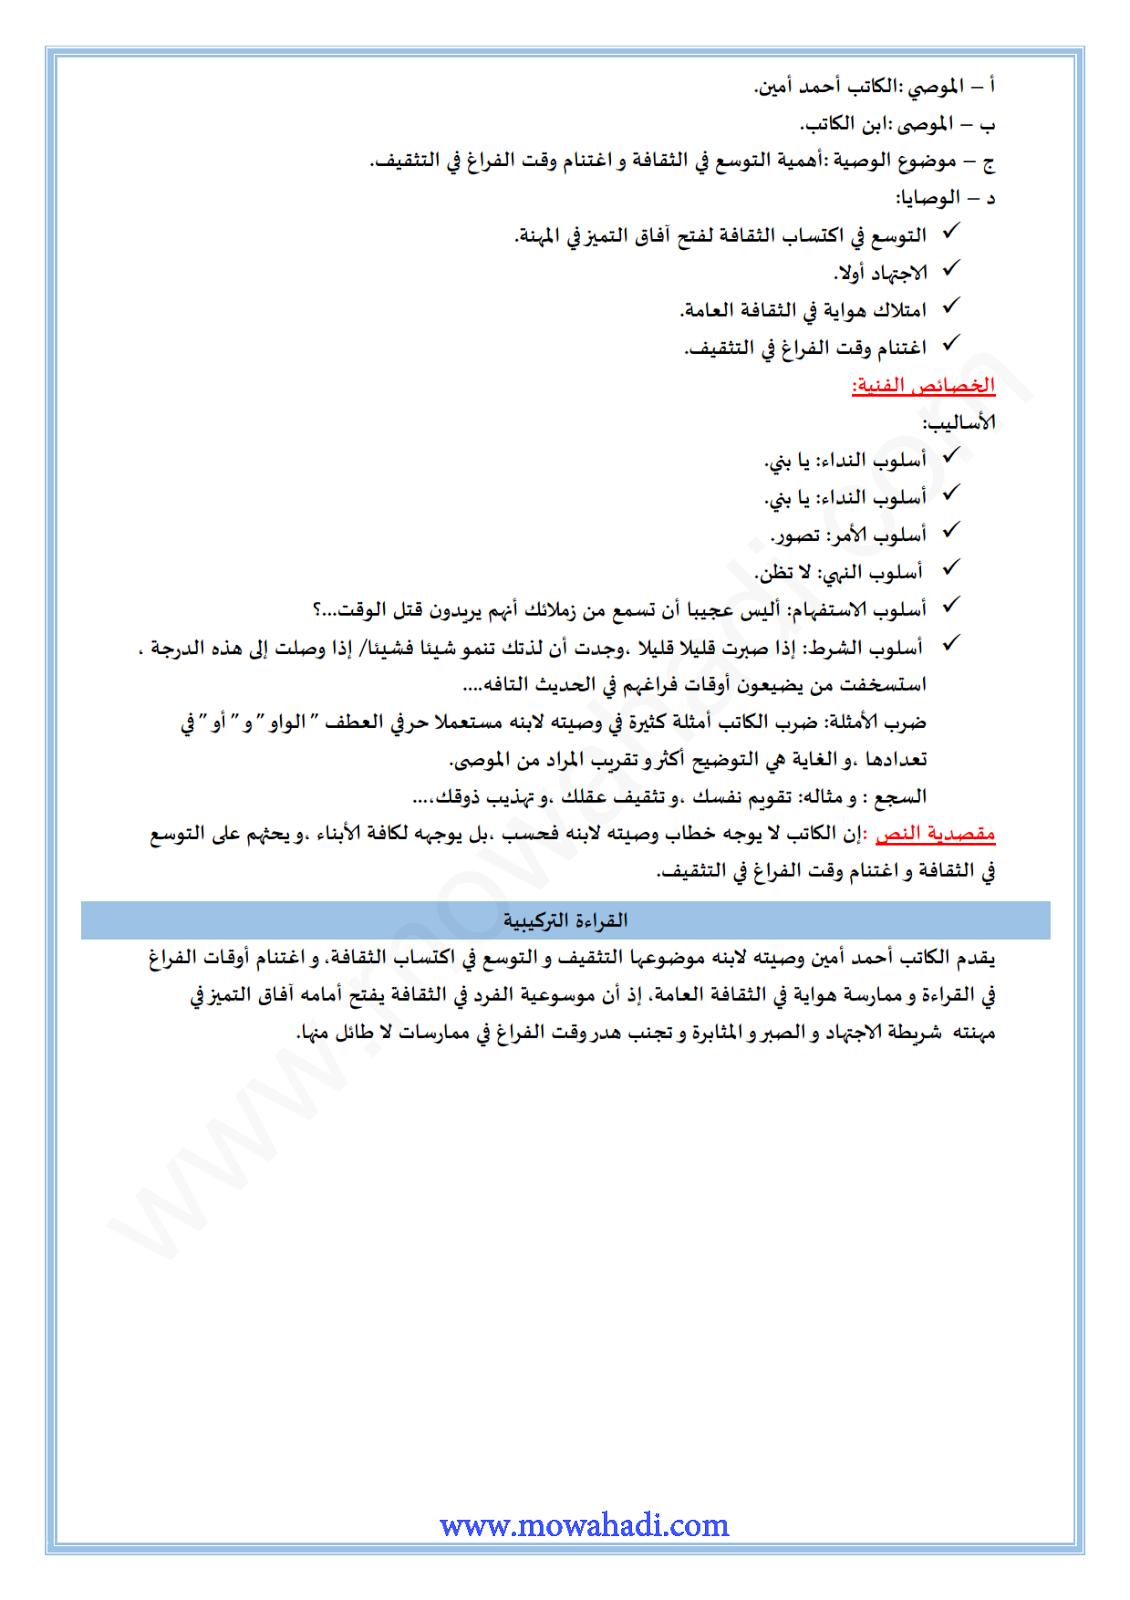 كن مثقفـــــــــــــــا-1